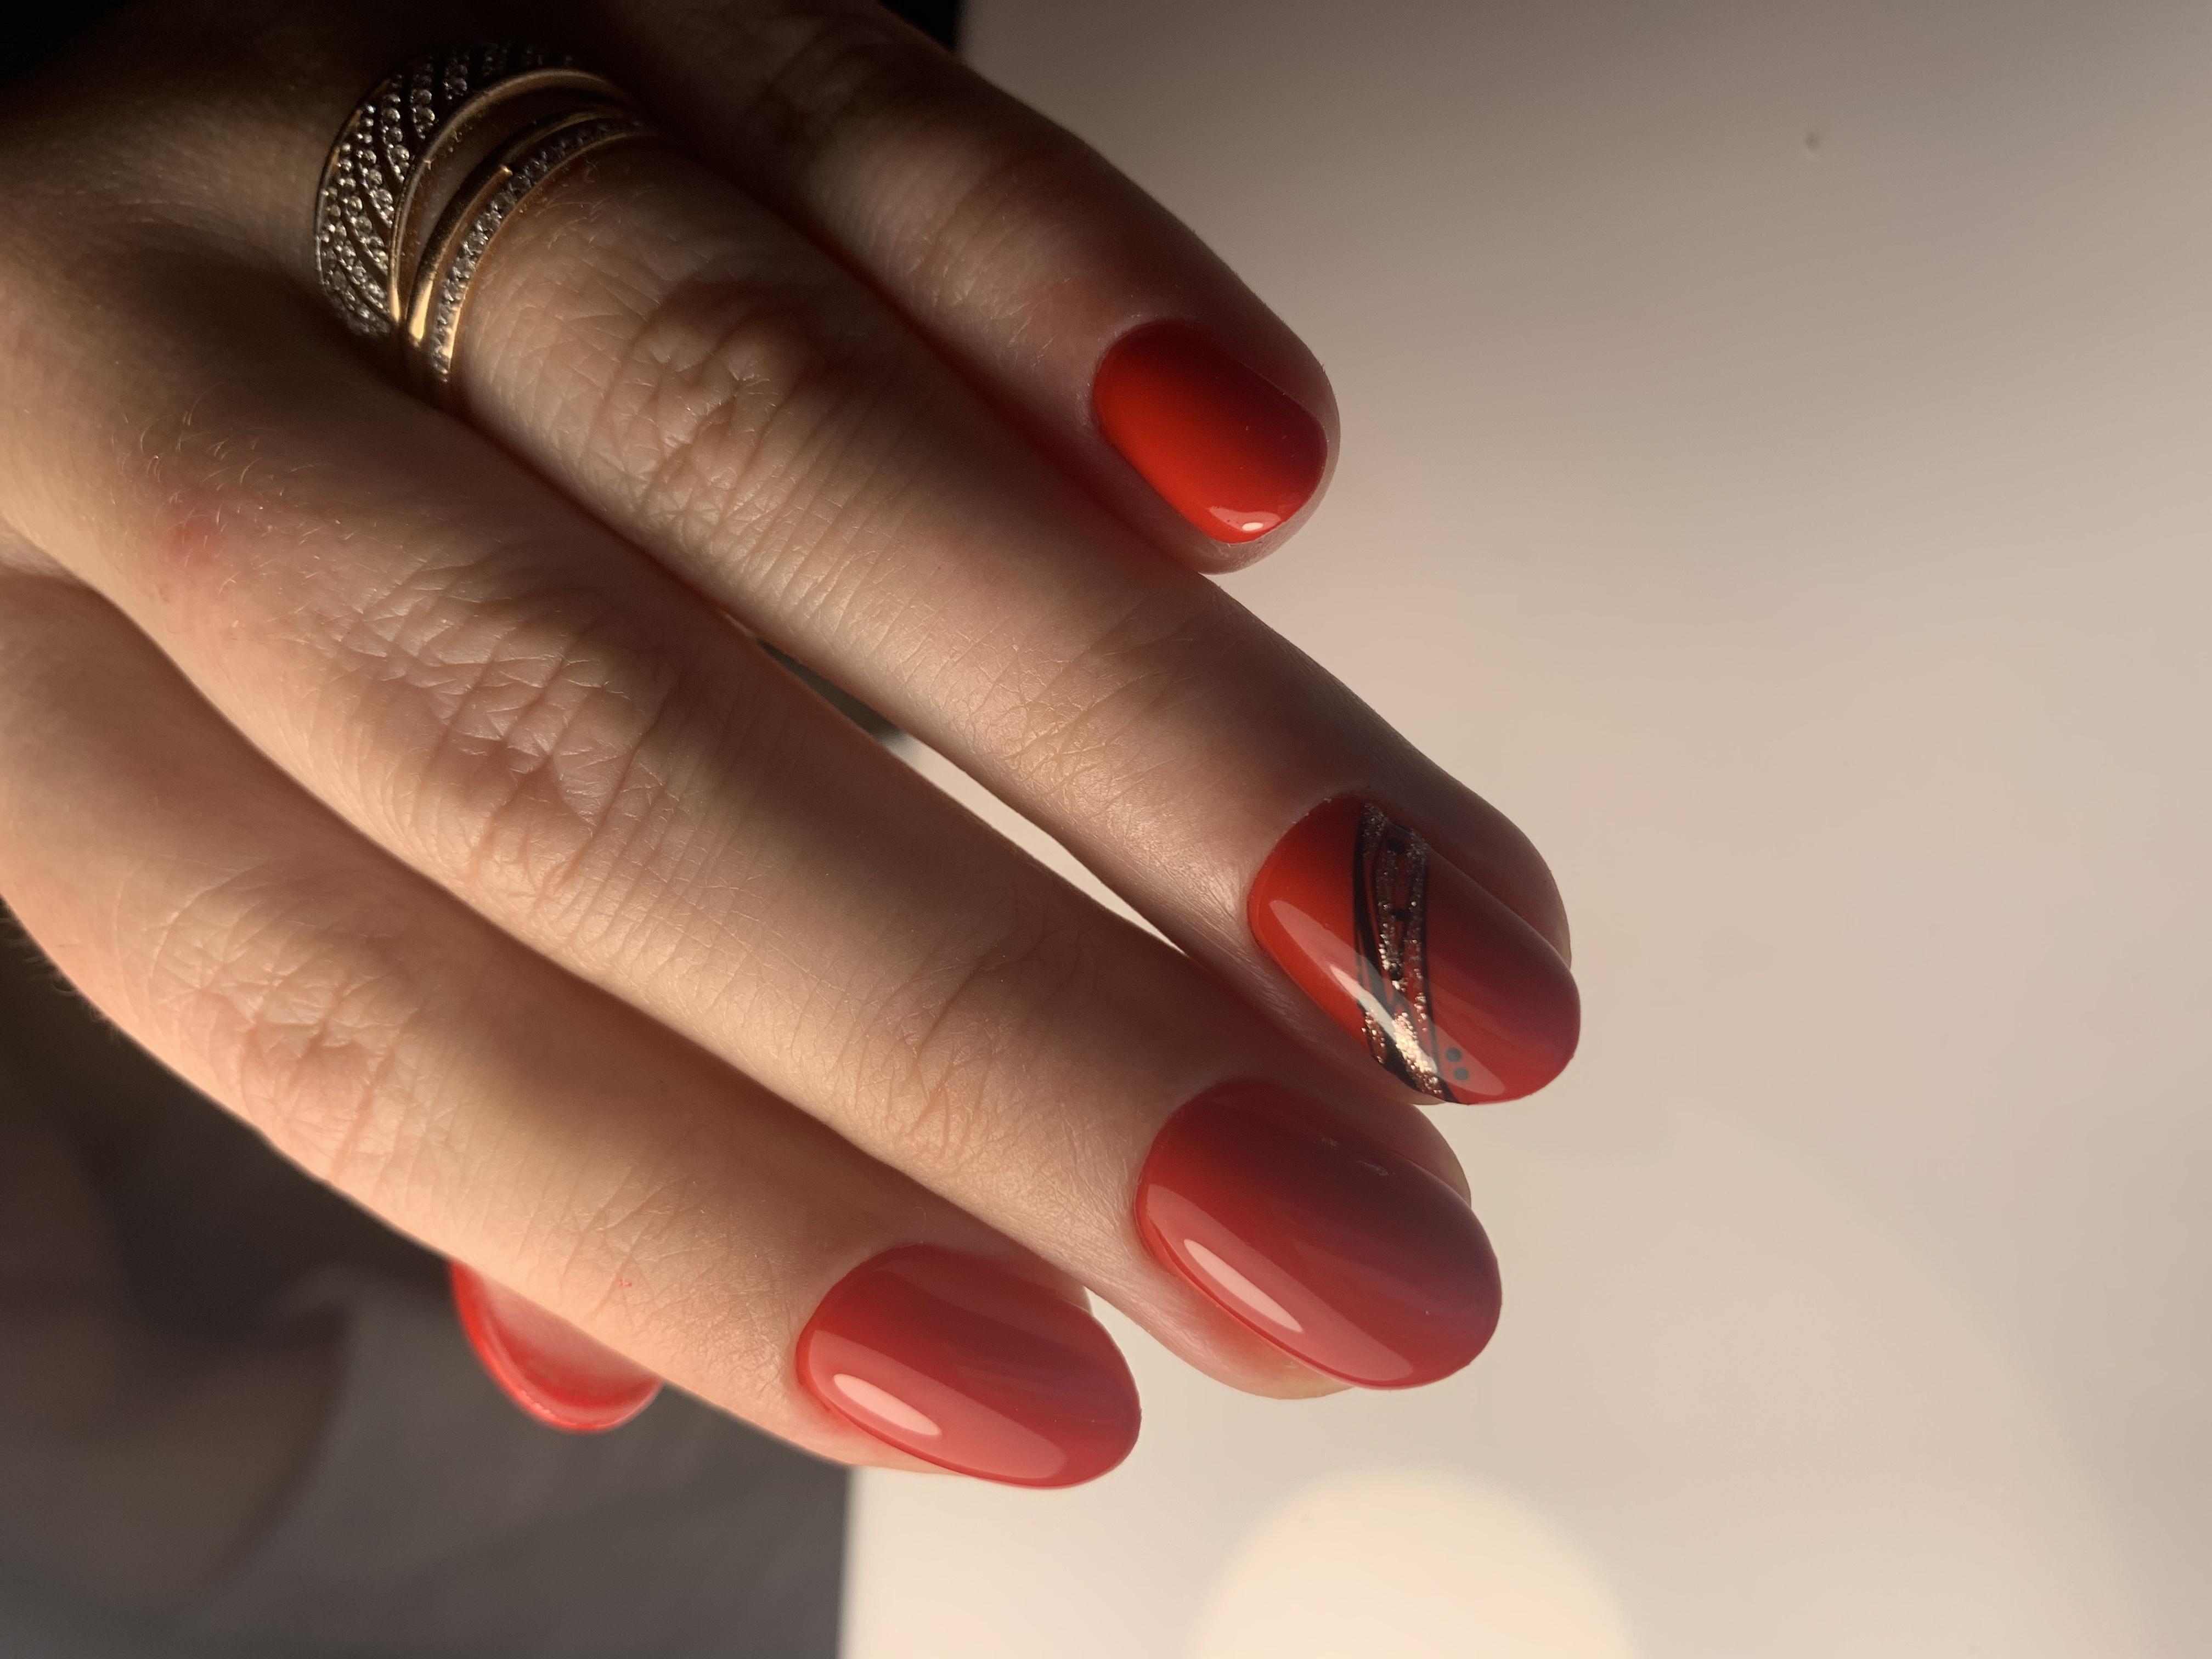 Маникюр с паутинкой и блестками в красном цвете на короткие ногти.